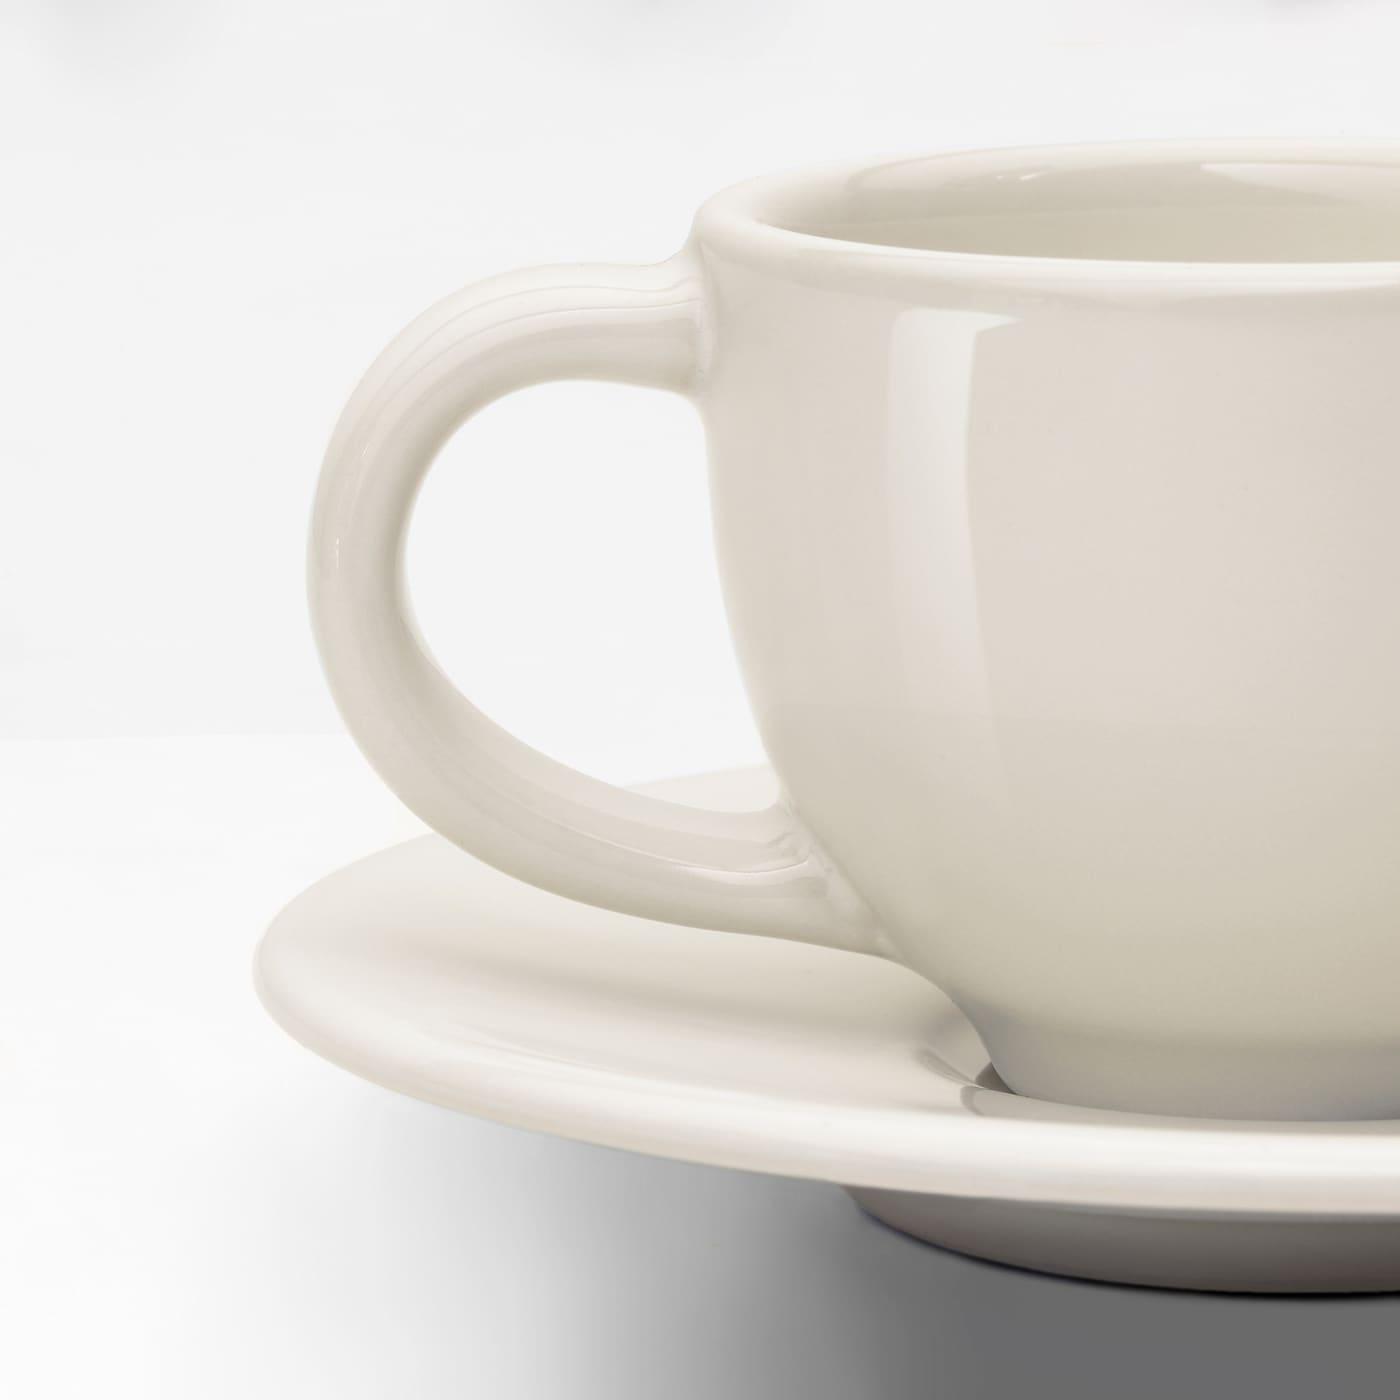 VARDAGEN Espressotasse mit Untertasse elfenbeinweiß 11 cm 6 cm 5 cm 6 cl